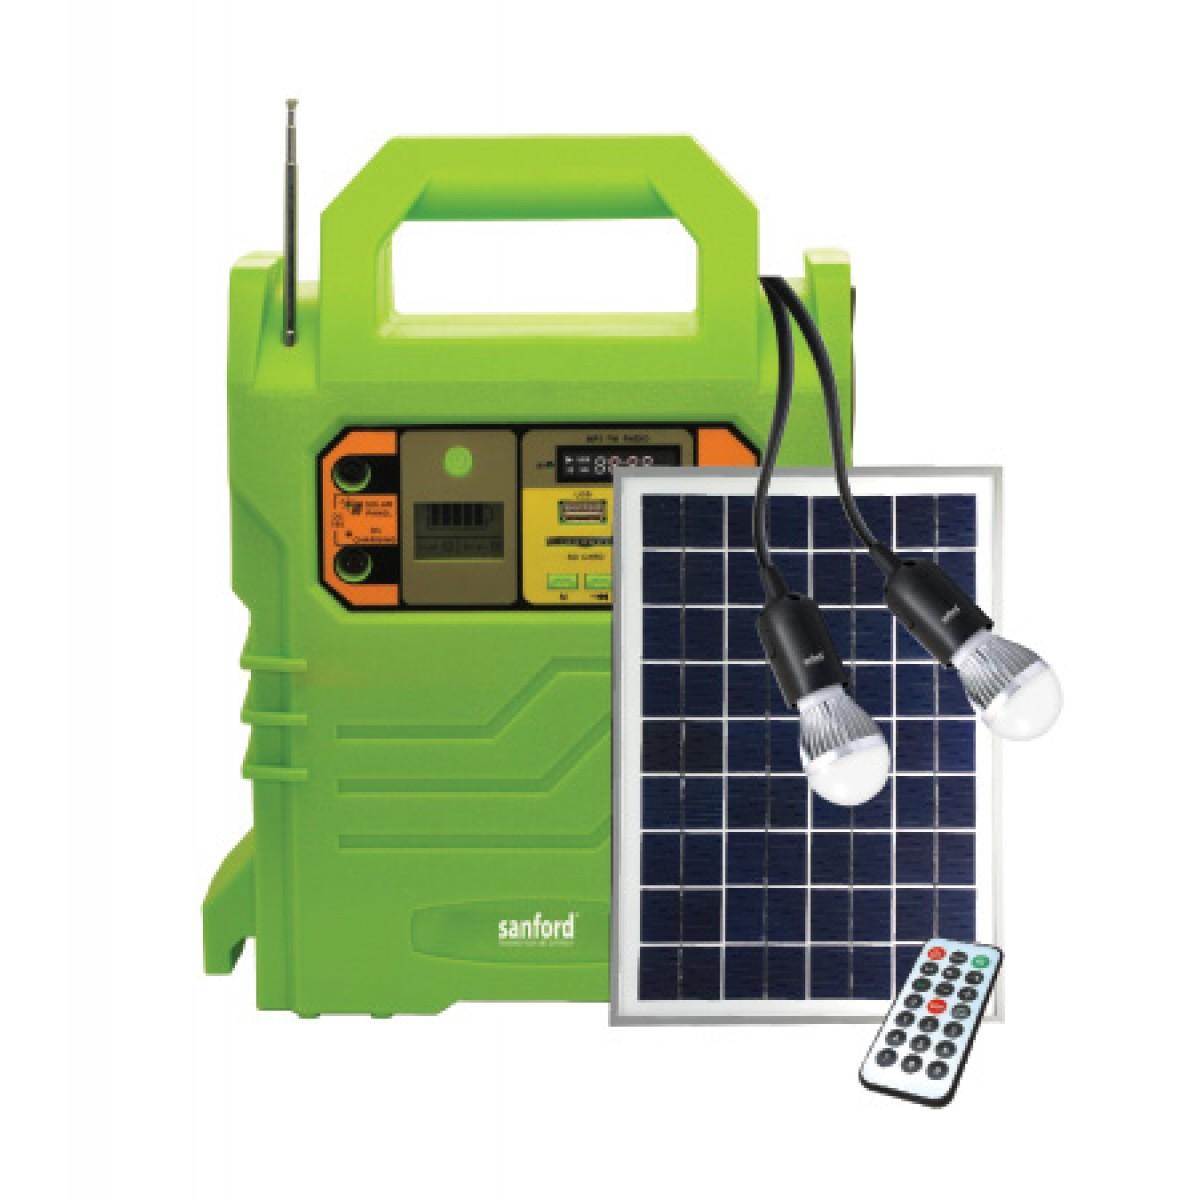 محطة الطاقة الشمسية مع راديو  SF2265SMHS .